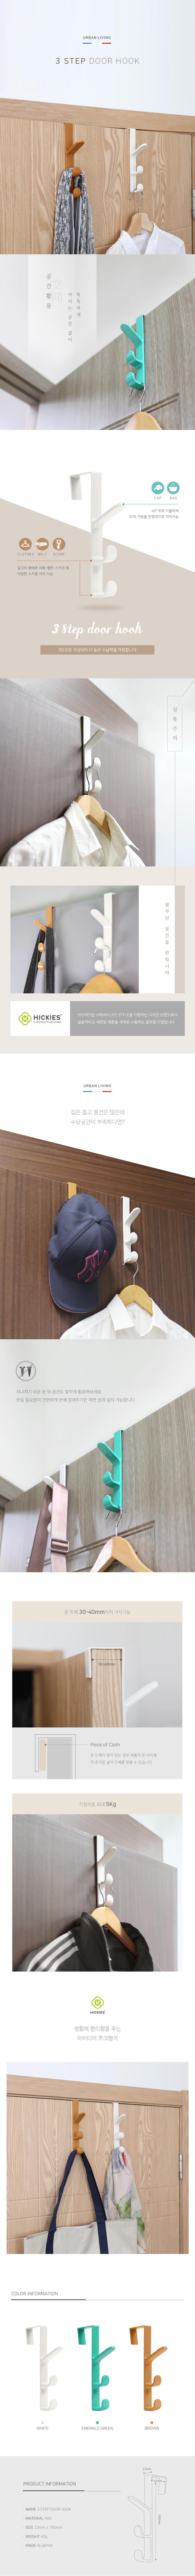 공간활용 모자 가방 옷걸이 무타공 도어 3단 후크행거 - 히키스, 3,000원, 행거/드레스룸/옷걸이, 다용도훅/홀더랙